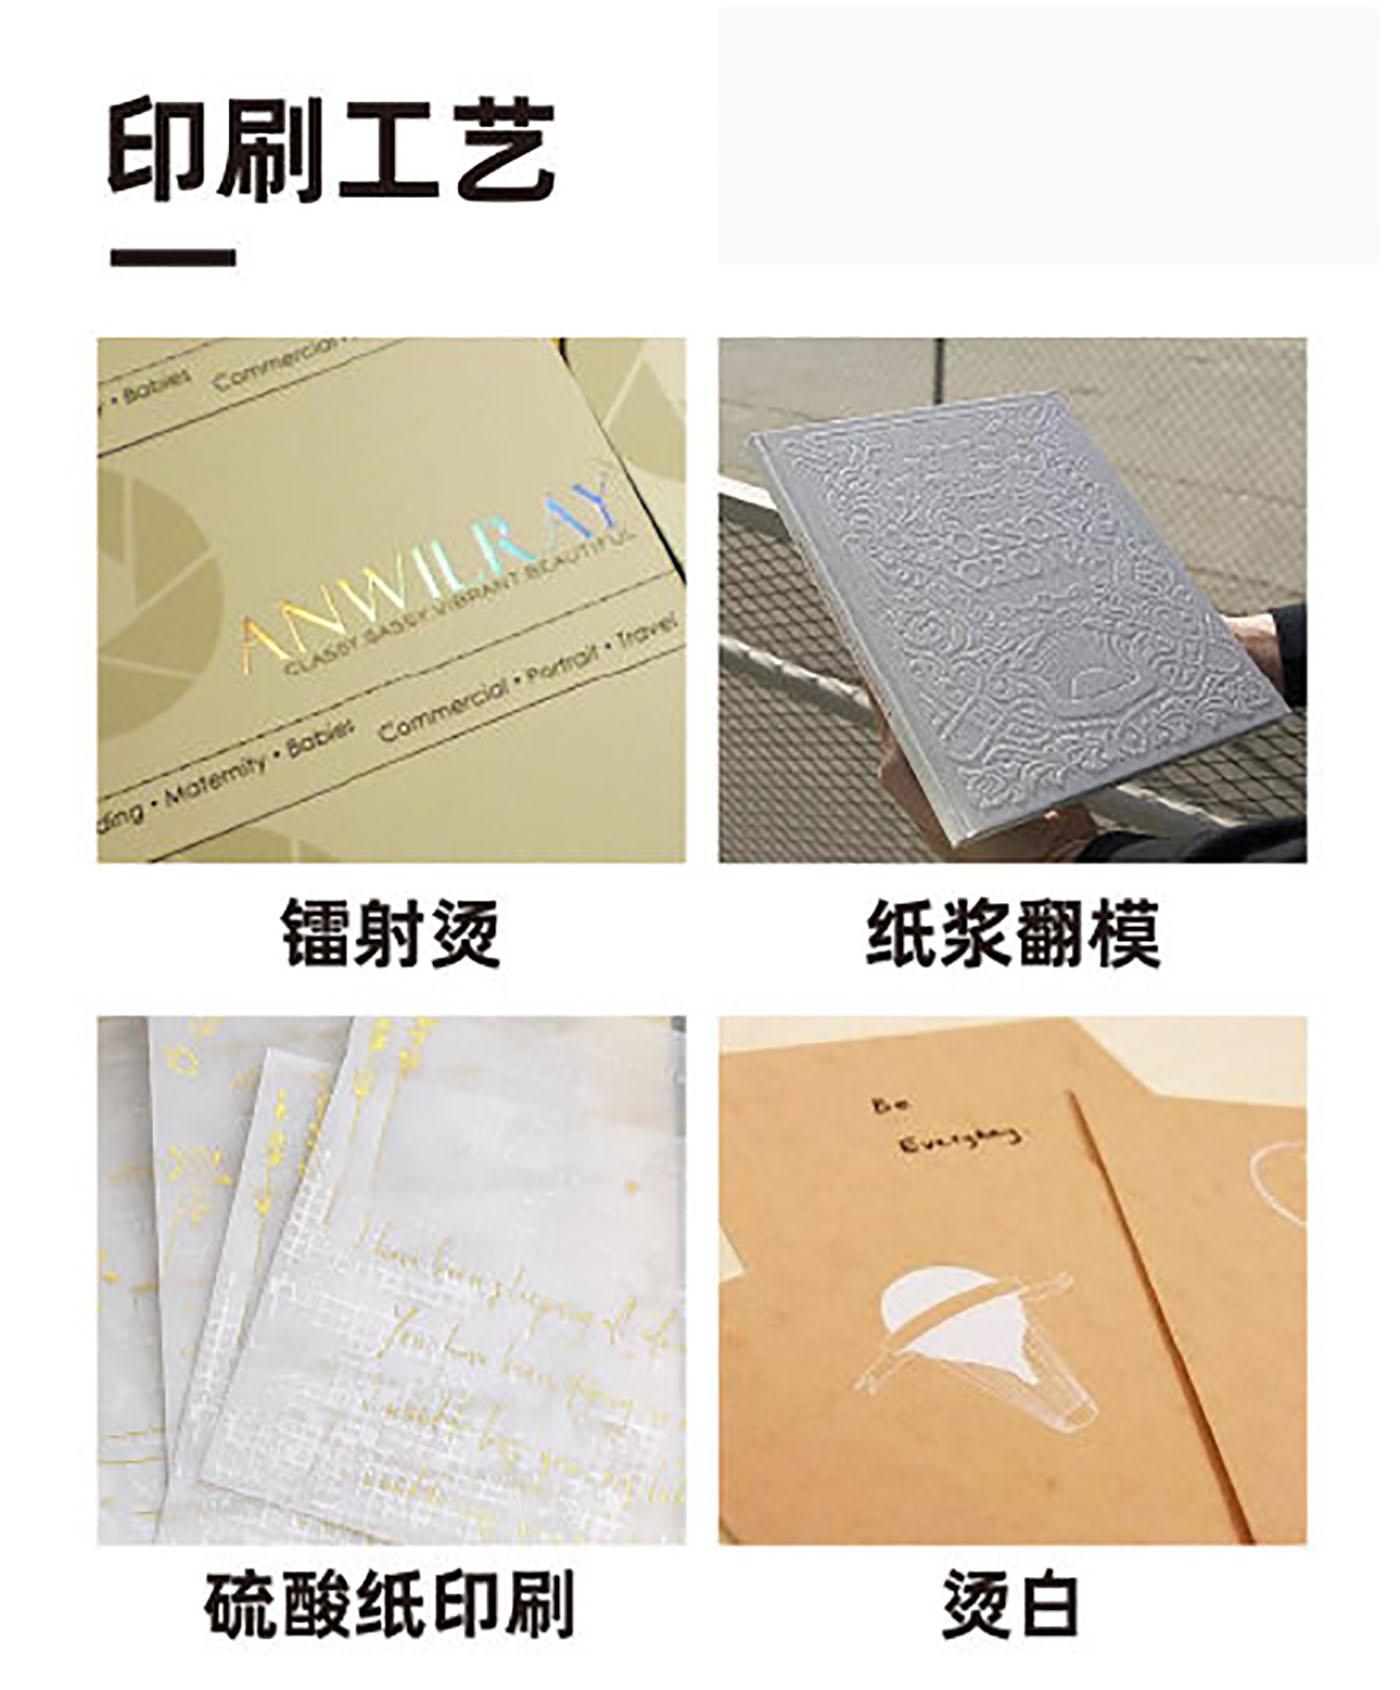 印刷工艺,提升成品的常用印刷工艺